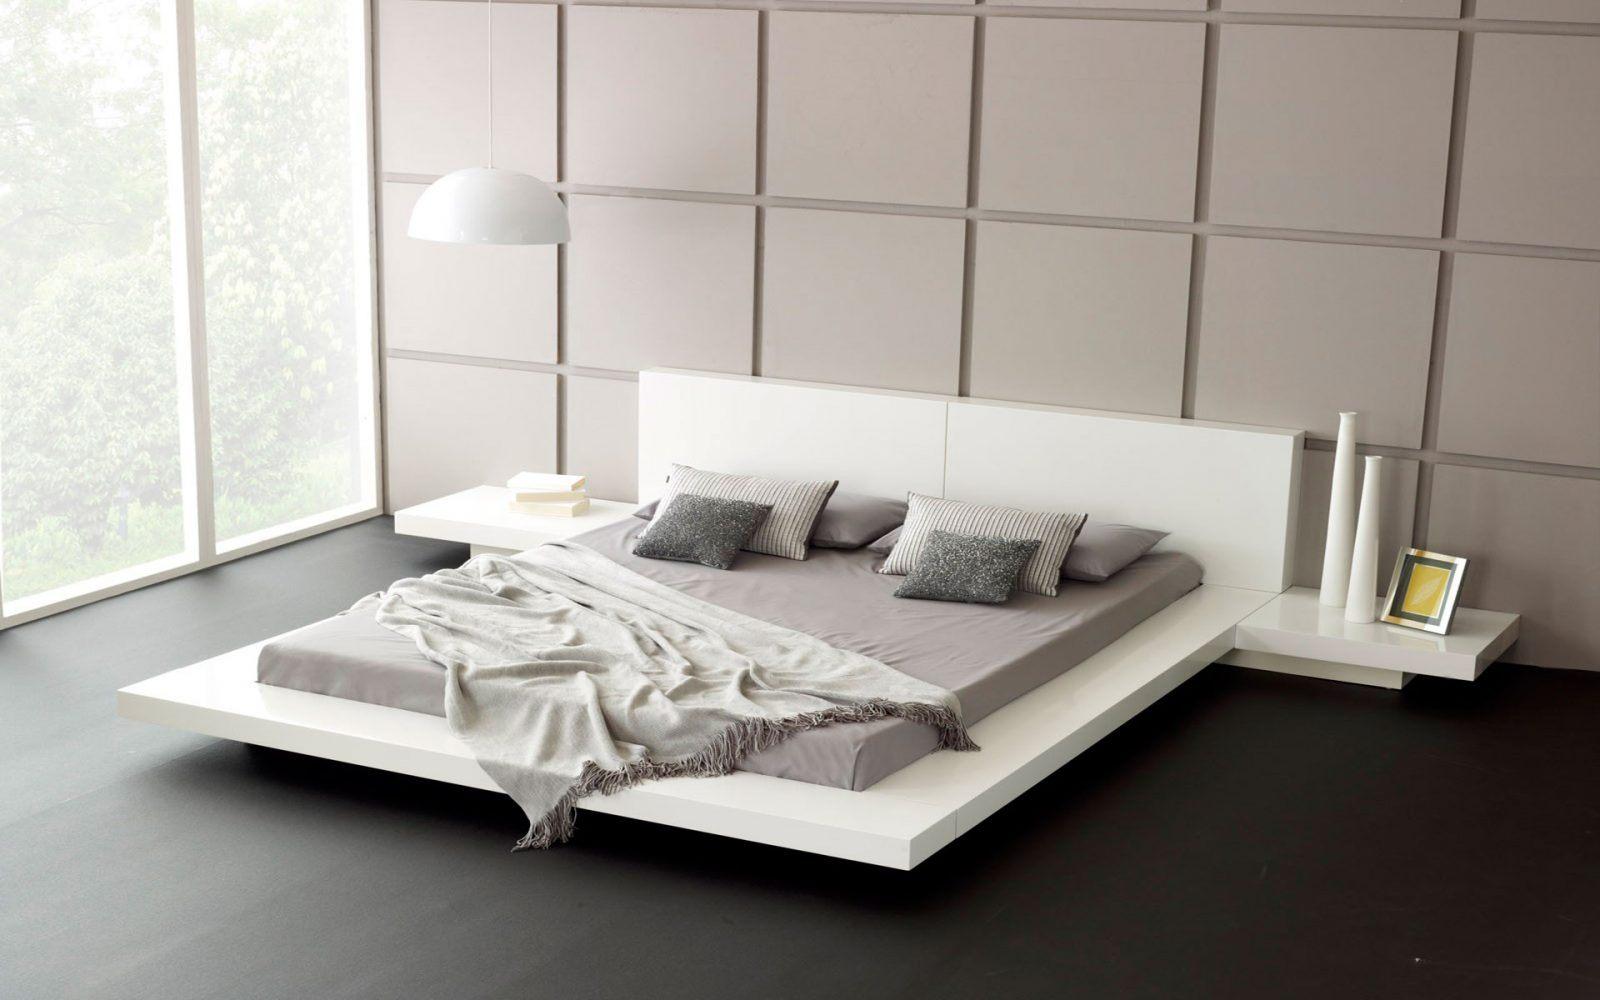 para saber qual a melhor cabeceira de cama, basta observar alguns critérios.